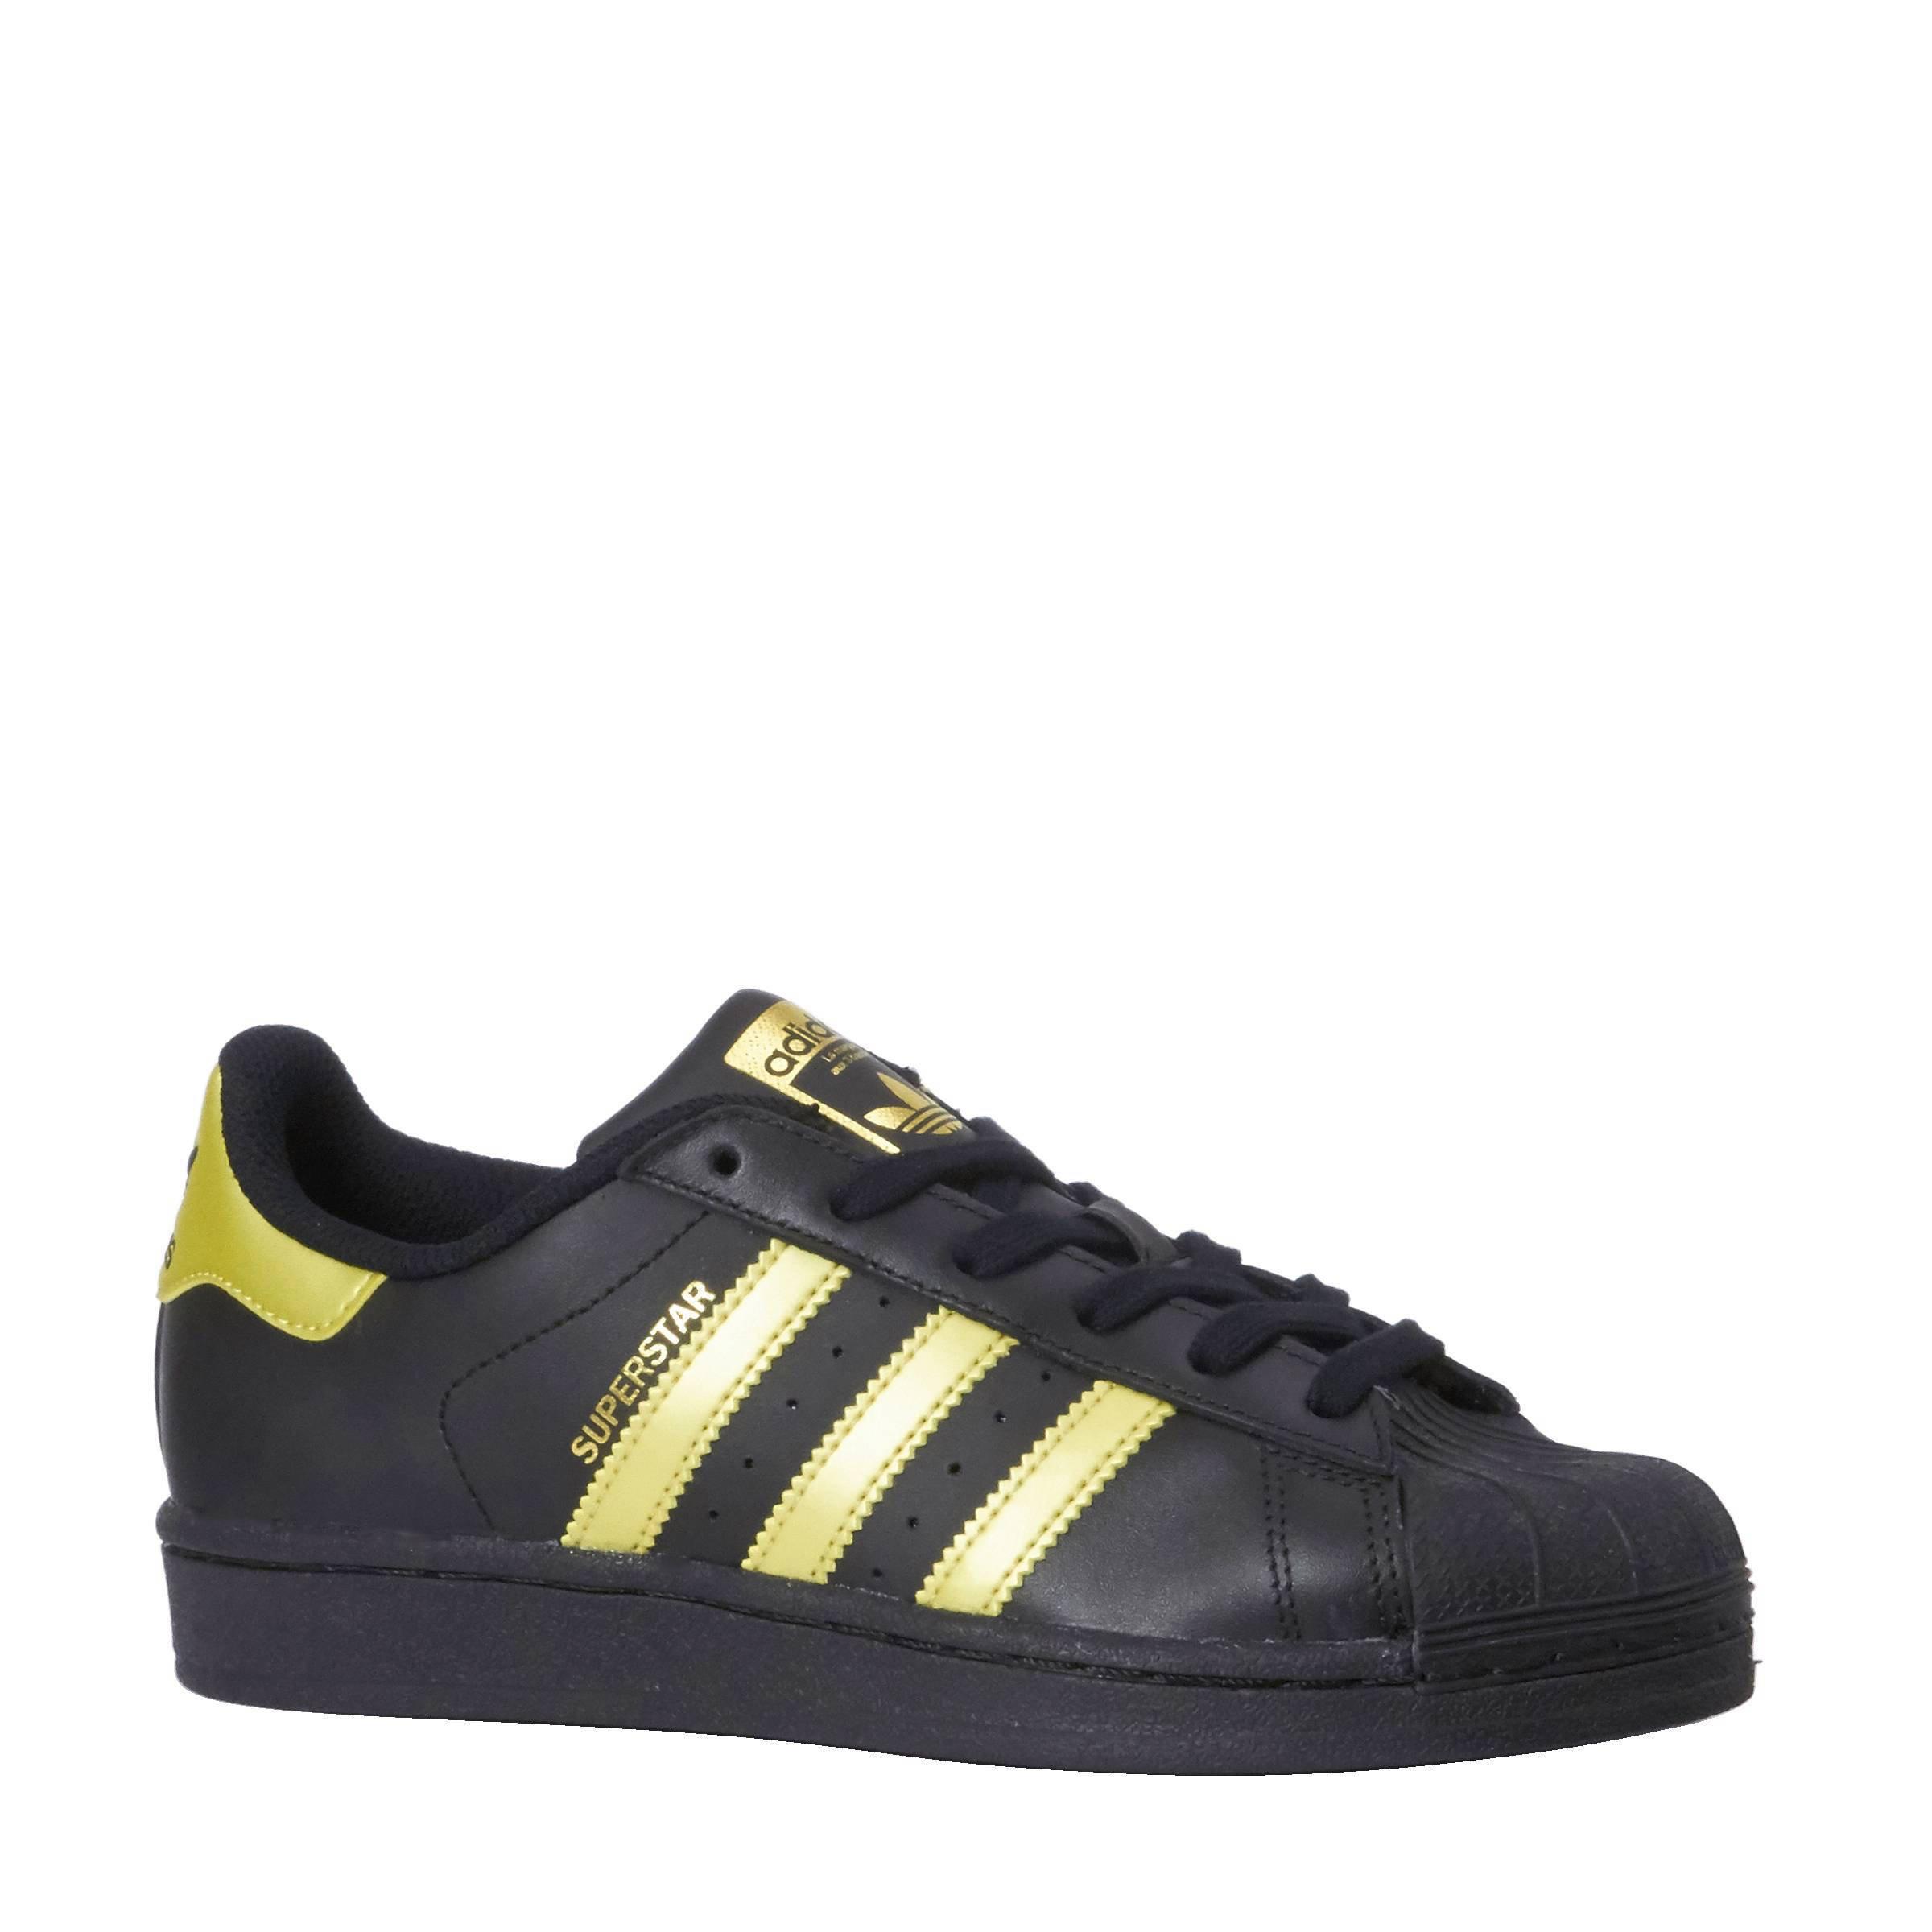 A100292 Adidas Populair Originals Superstar Zwart Goud